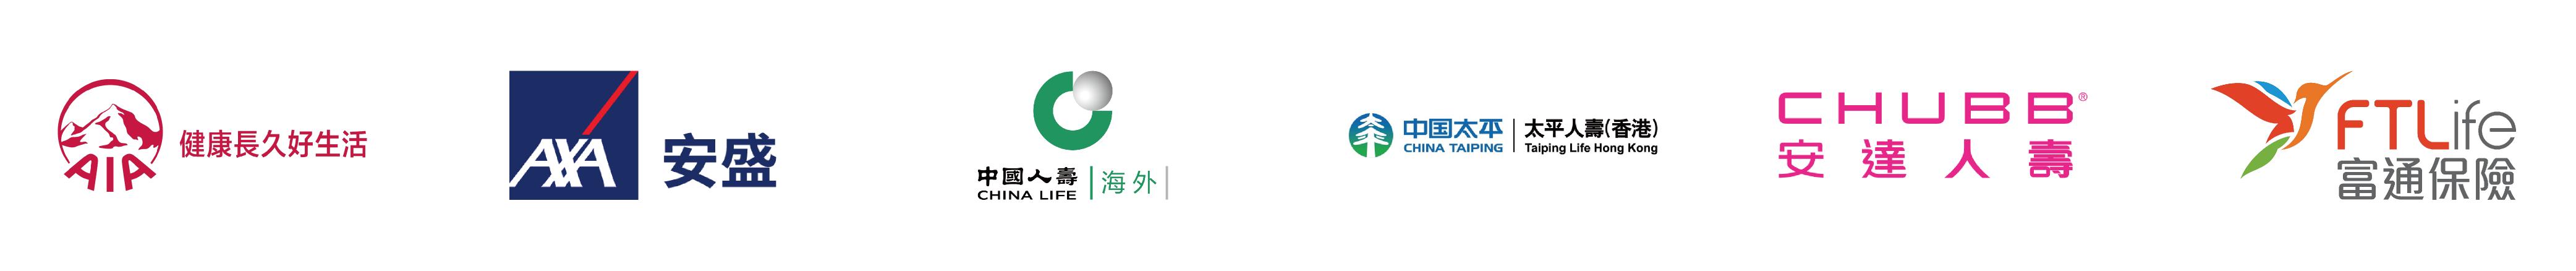 Spon-Comp-Logo-2-1